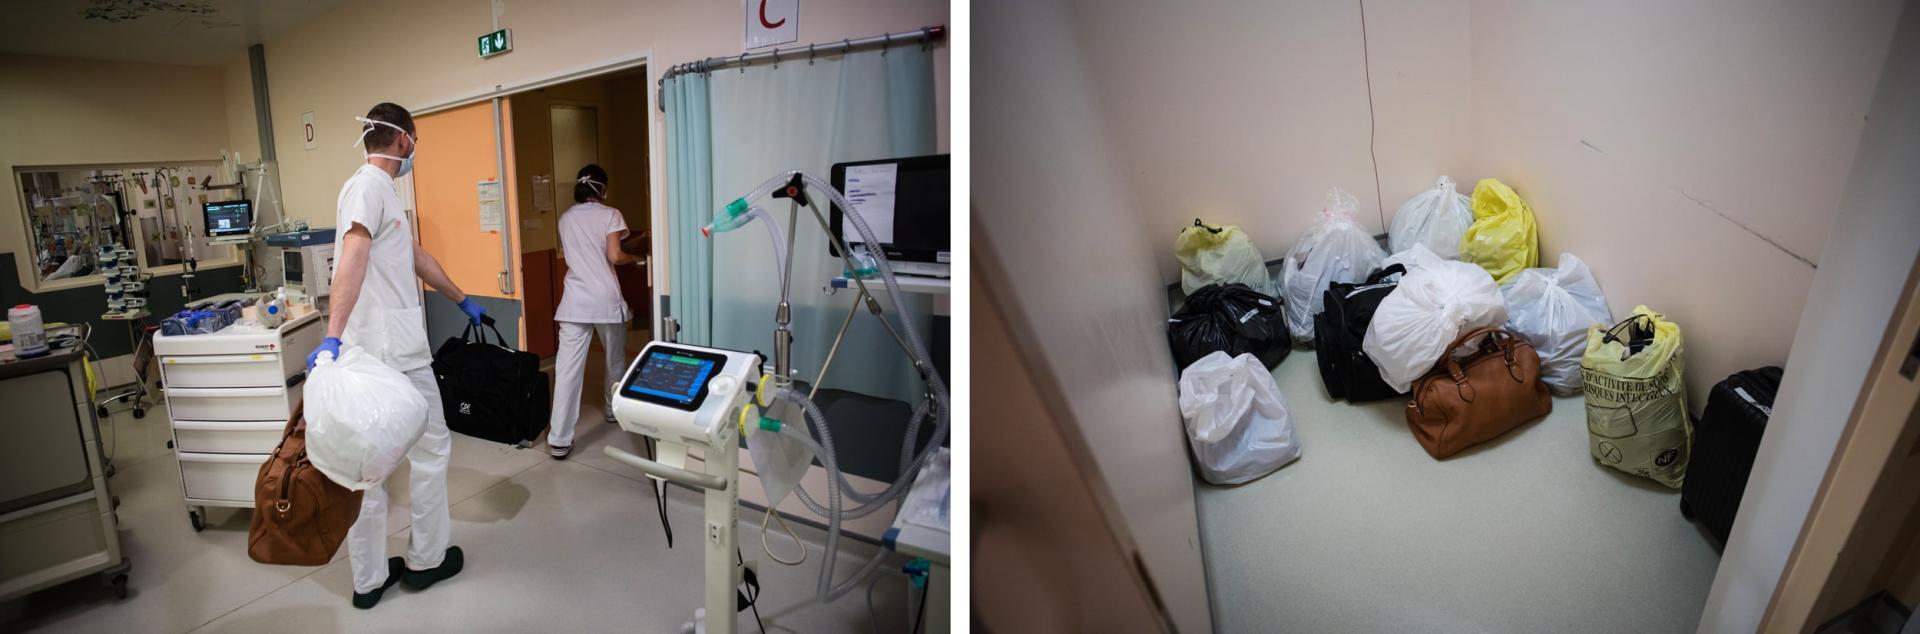 En «réa 4», les patients sont installés dans des espaces ouverts. Par manque de place, leurs effets personnels sont entreposés dans une salle de repos reconvertie en salle de quarantaine. Ces affaires sont potentiellement «contaminées».